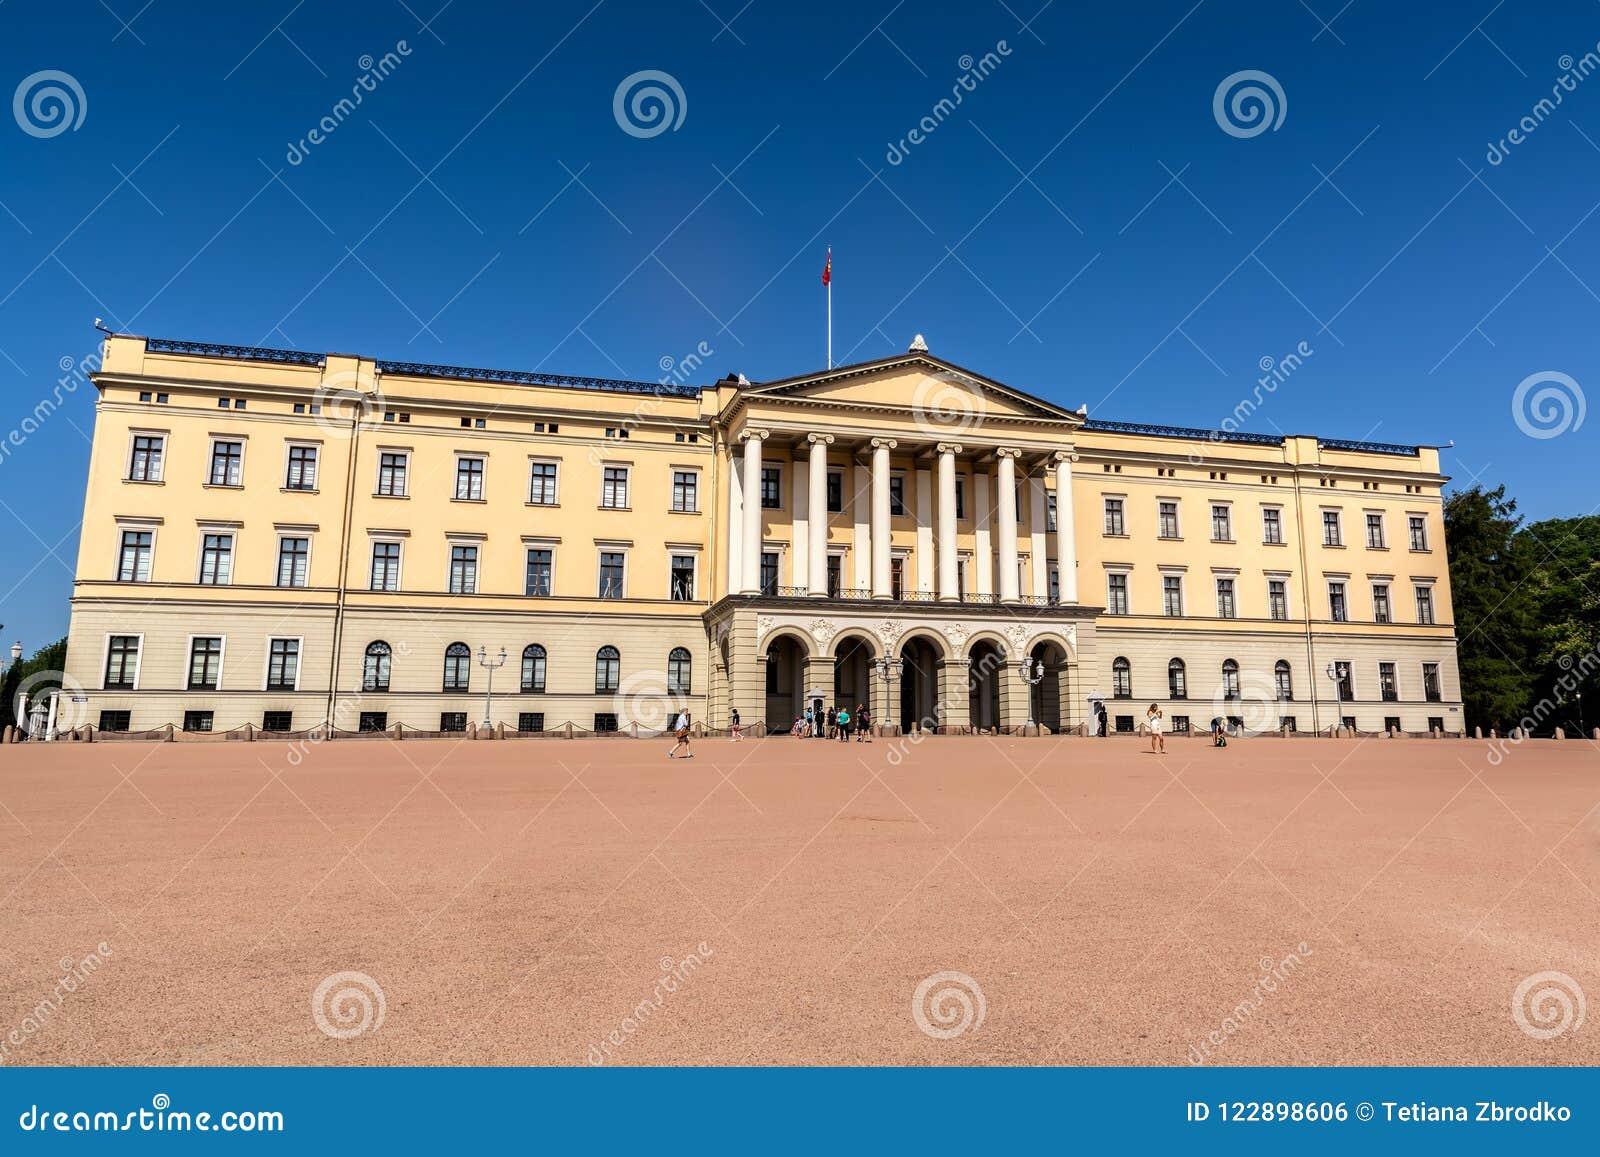 Noors koninklijk paleis